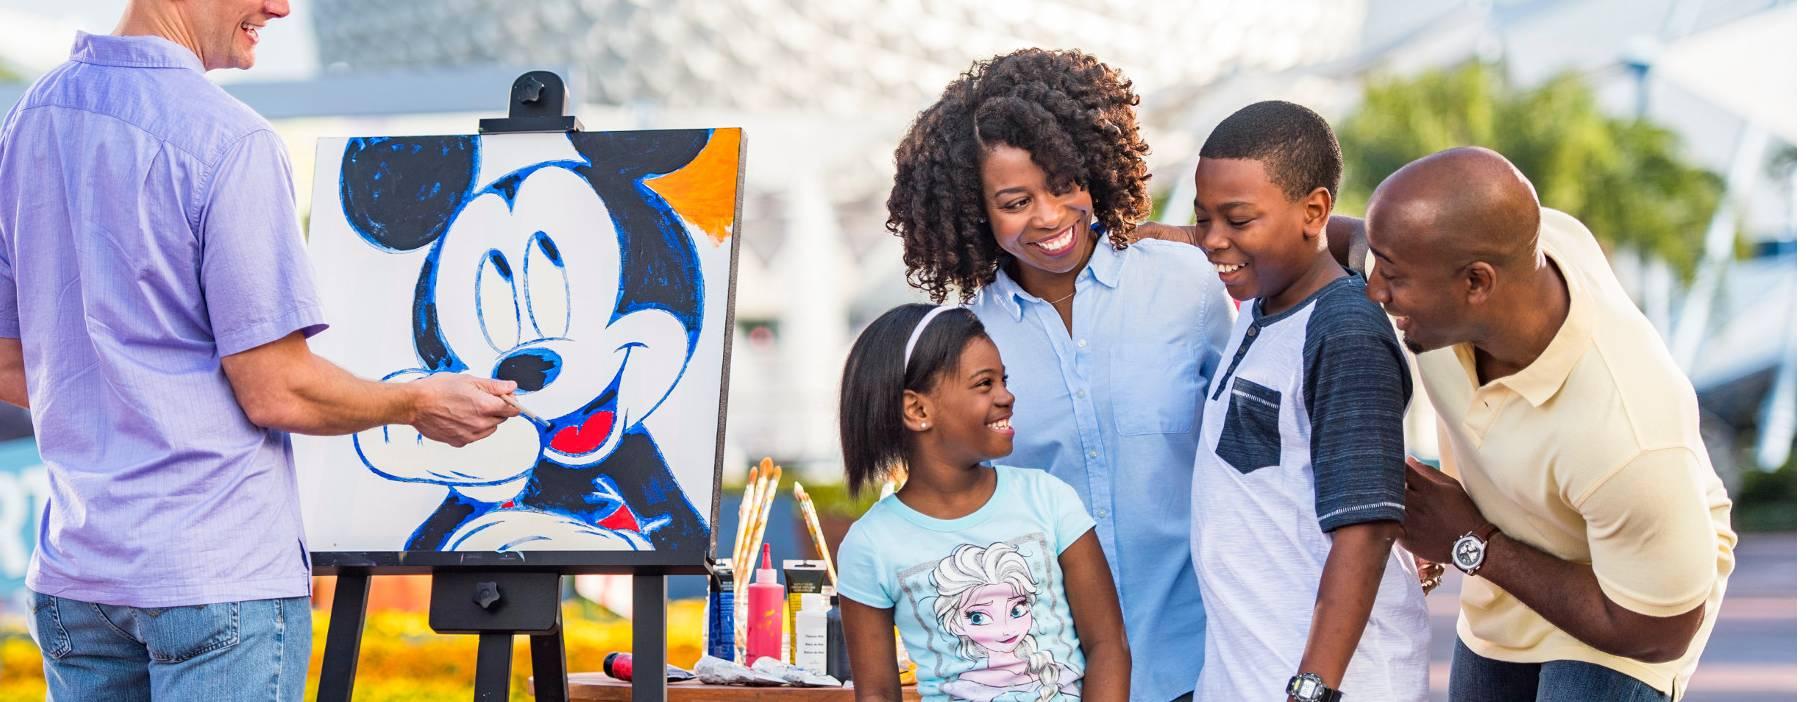 Um artista no Epcot pinta um Mickey Mouse enquanto uma família observa alegremente a reação do seu integrante mais jovem